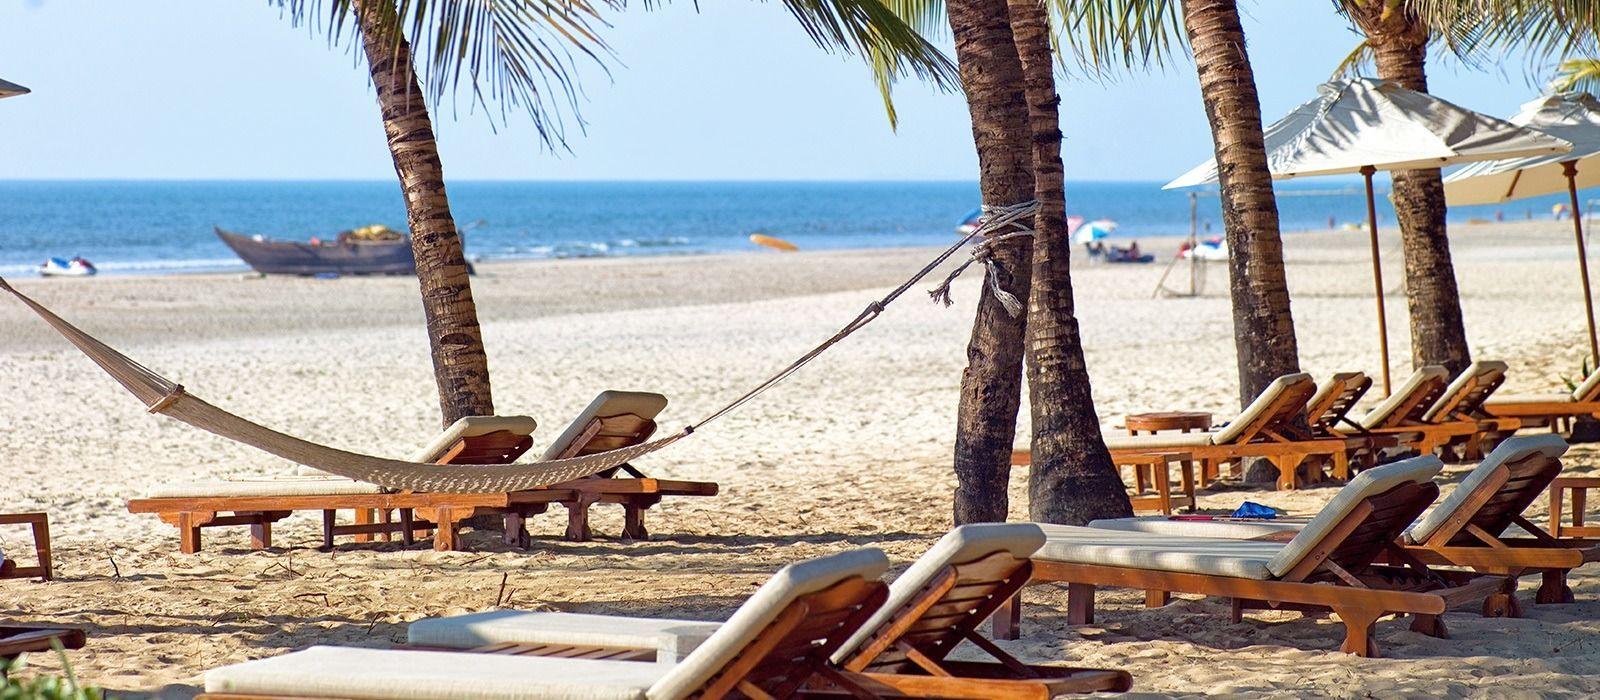 Indien: Goldenes Dreieck & Goa Urlaub Urlaub 5